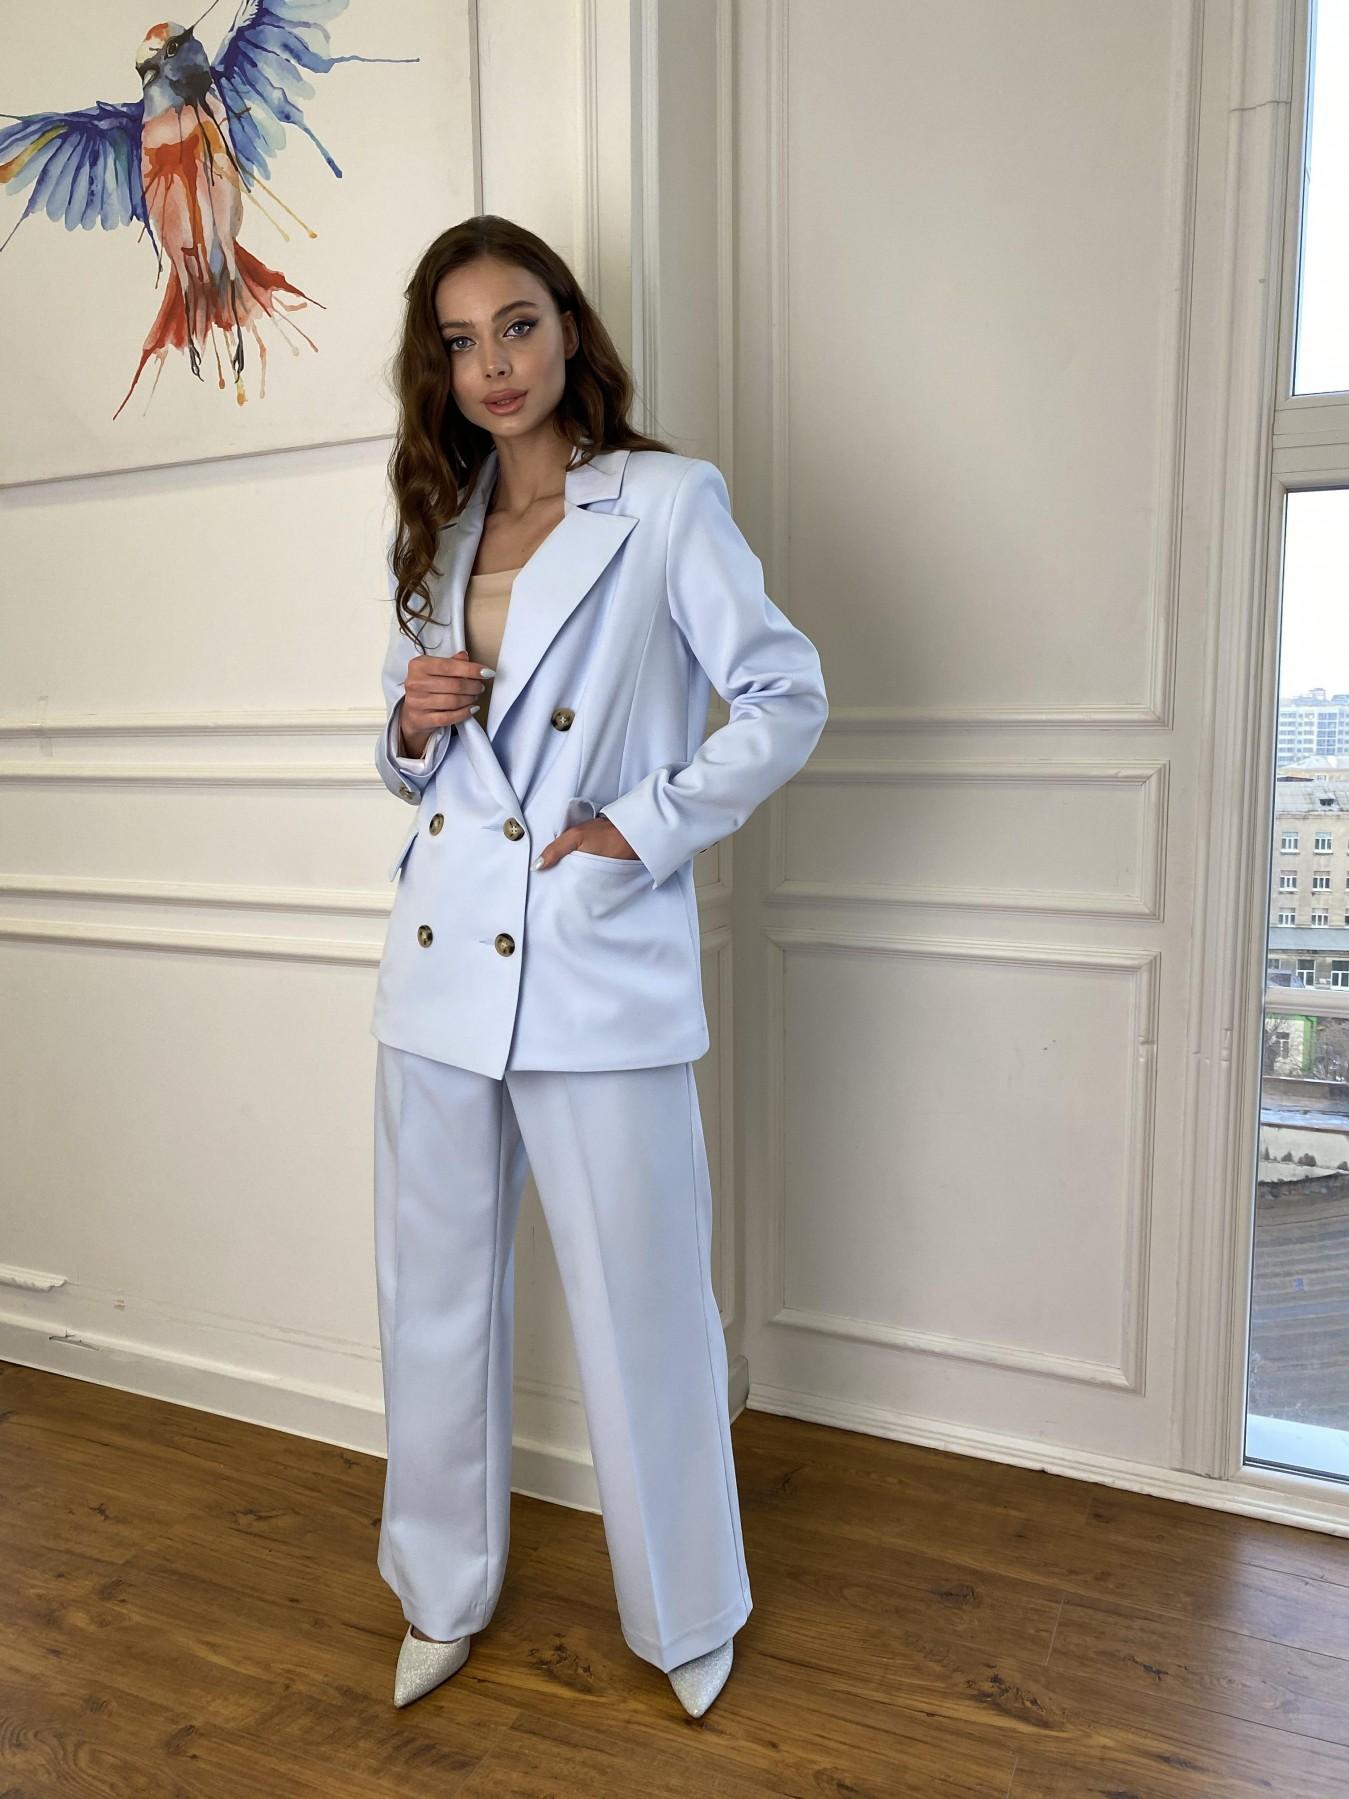 Белисимо  костюм стрейч из костюмной ткани 11217 АРТ. 47737 Цвет: Голубой - фото 3, интернет магазин tm-modus.ru